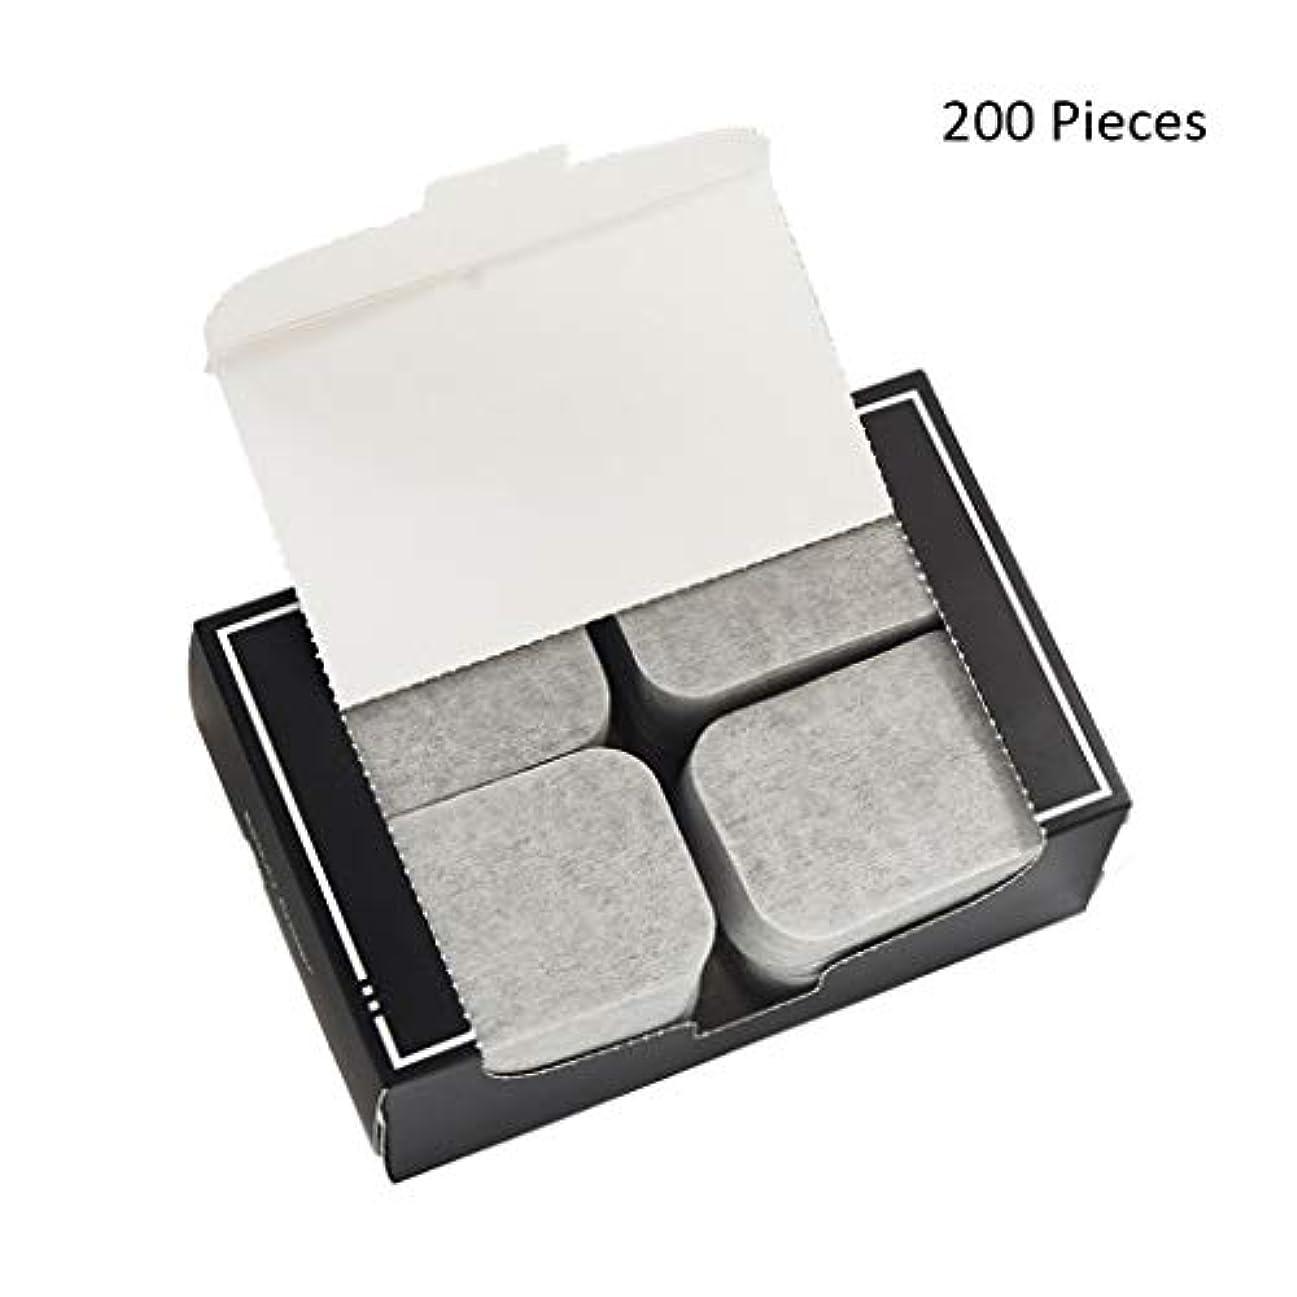 コーン富受け入れクレンジングシート 200ピースフェイスメイクアップリムーバー竹炭コットンパッドソフトクレンジングメイクピュアコットン両面スライス 落ち水クレンジング シート モイスト (Color : Gray, サイズ : 7*5cm)